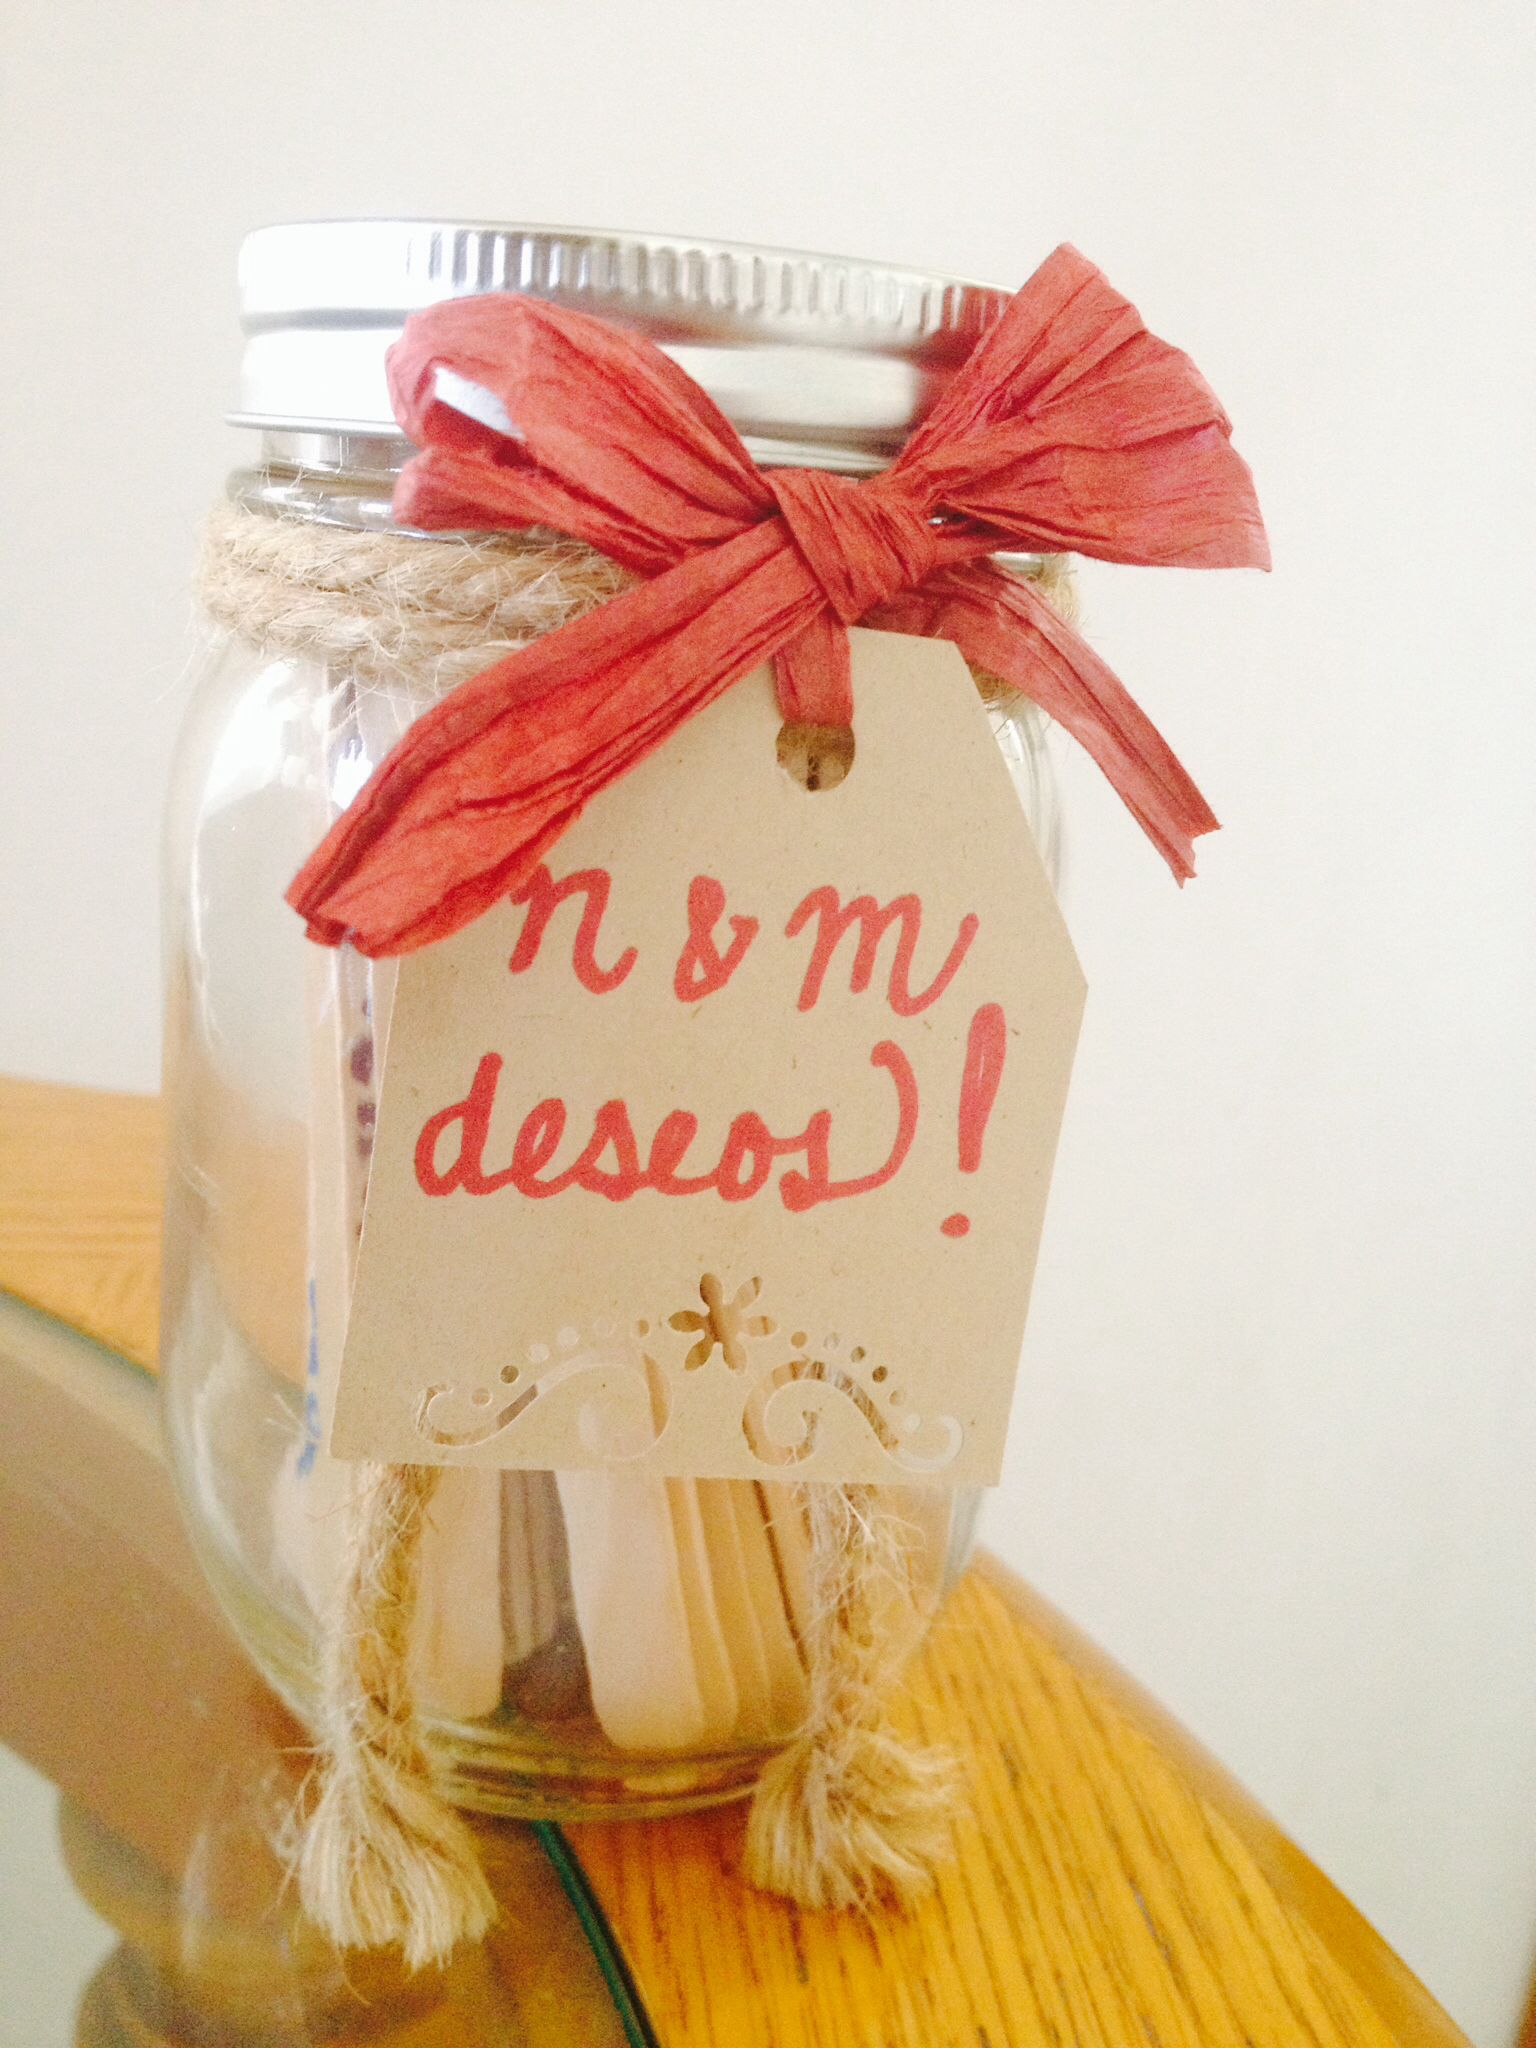 Deseos Idea Para Despedida De Soltera Mason Jar Palitos De Paleta Listones Made By Dahlia Takeout Container Hangover